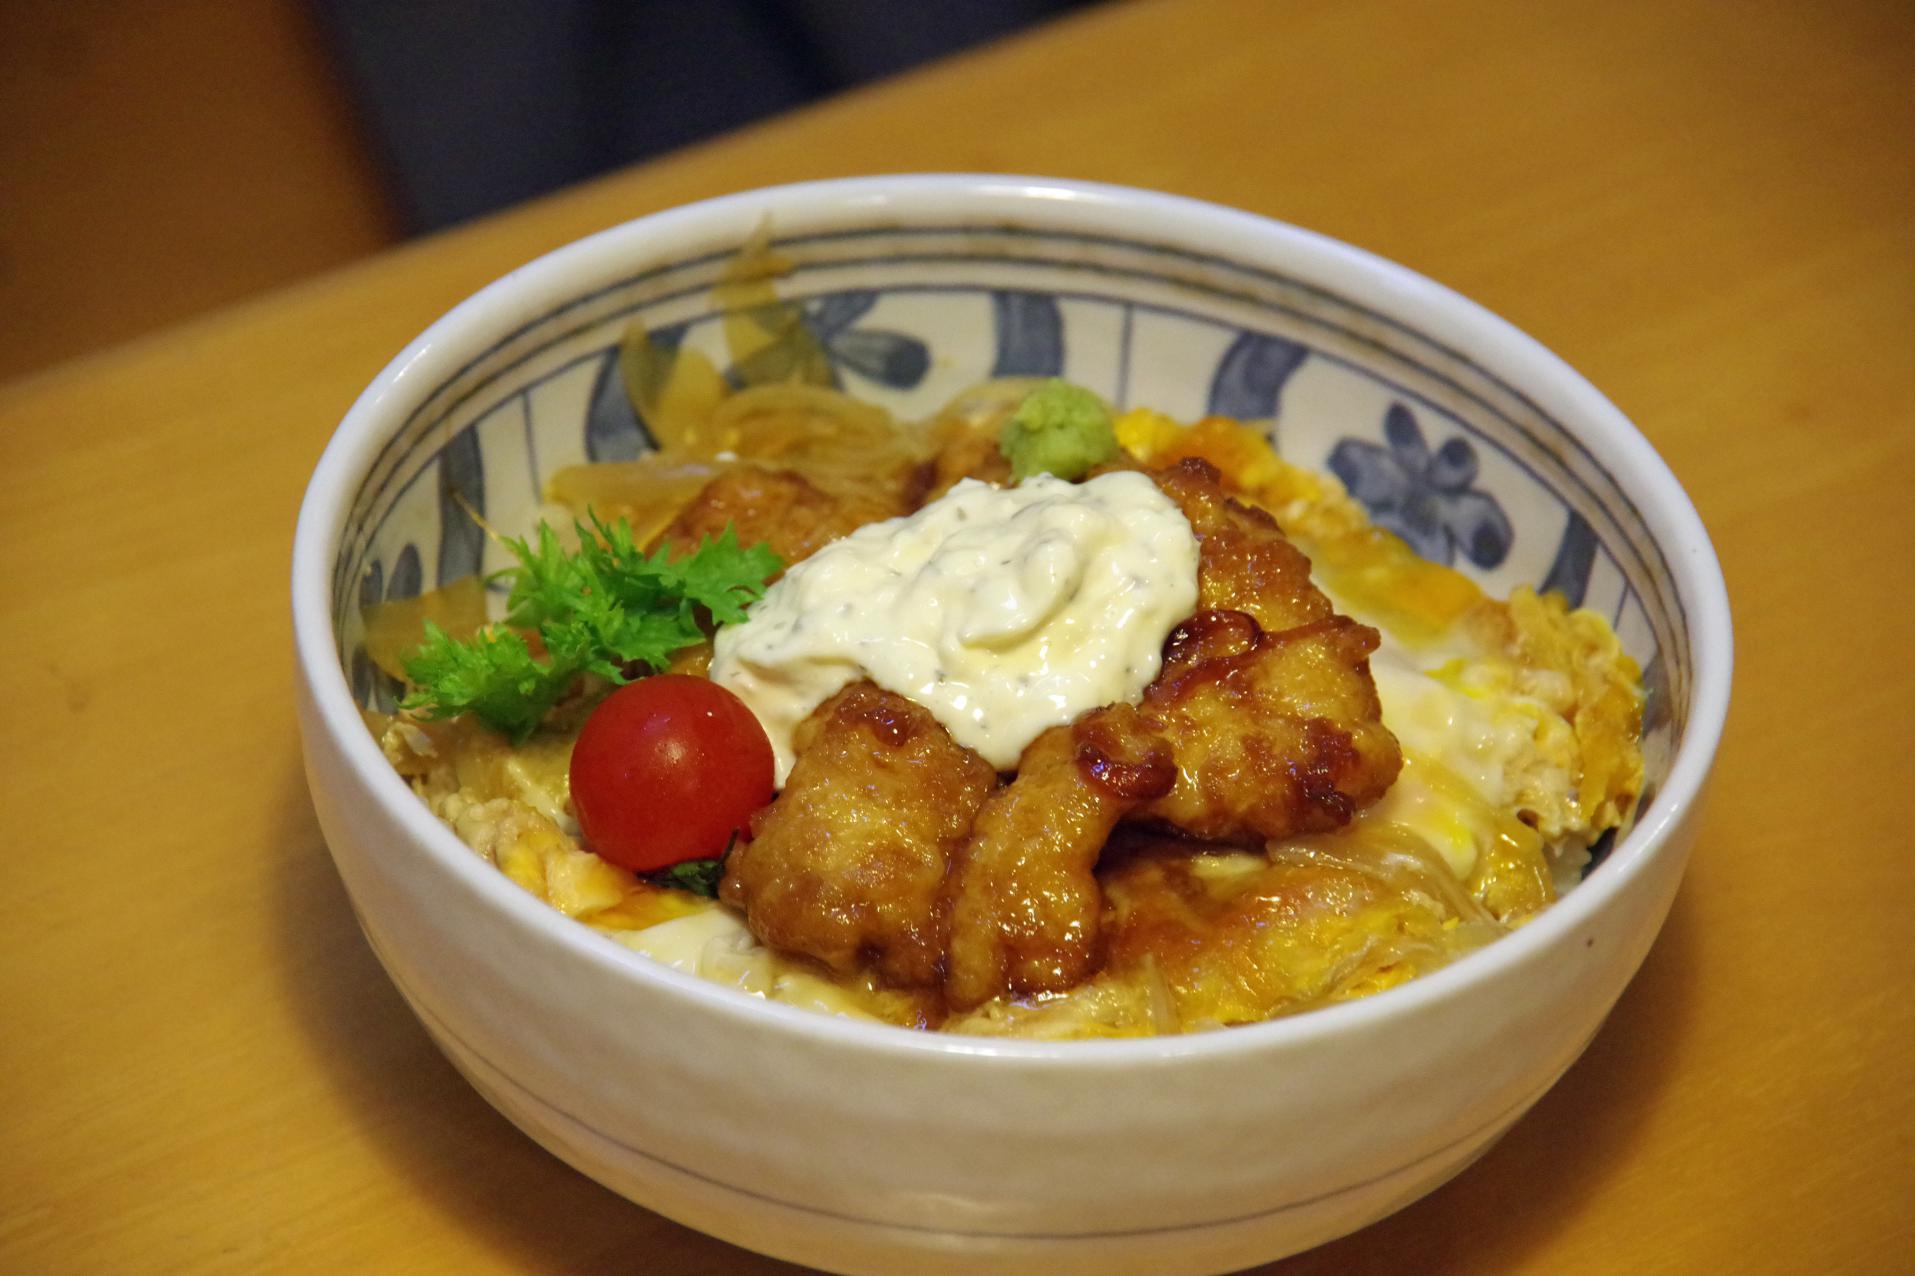 れすとはうす 海彩の大王南蛮タルタル丼(1030円)